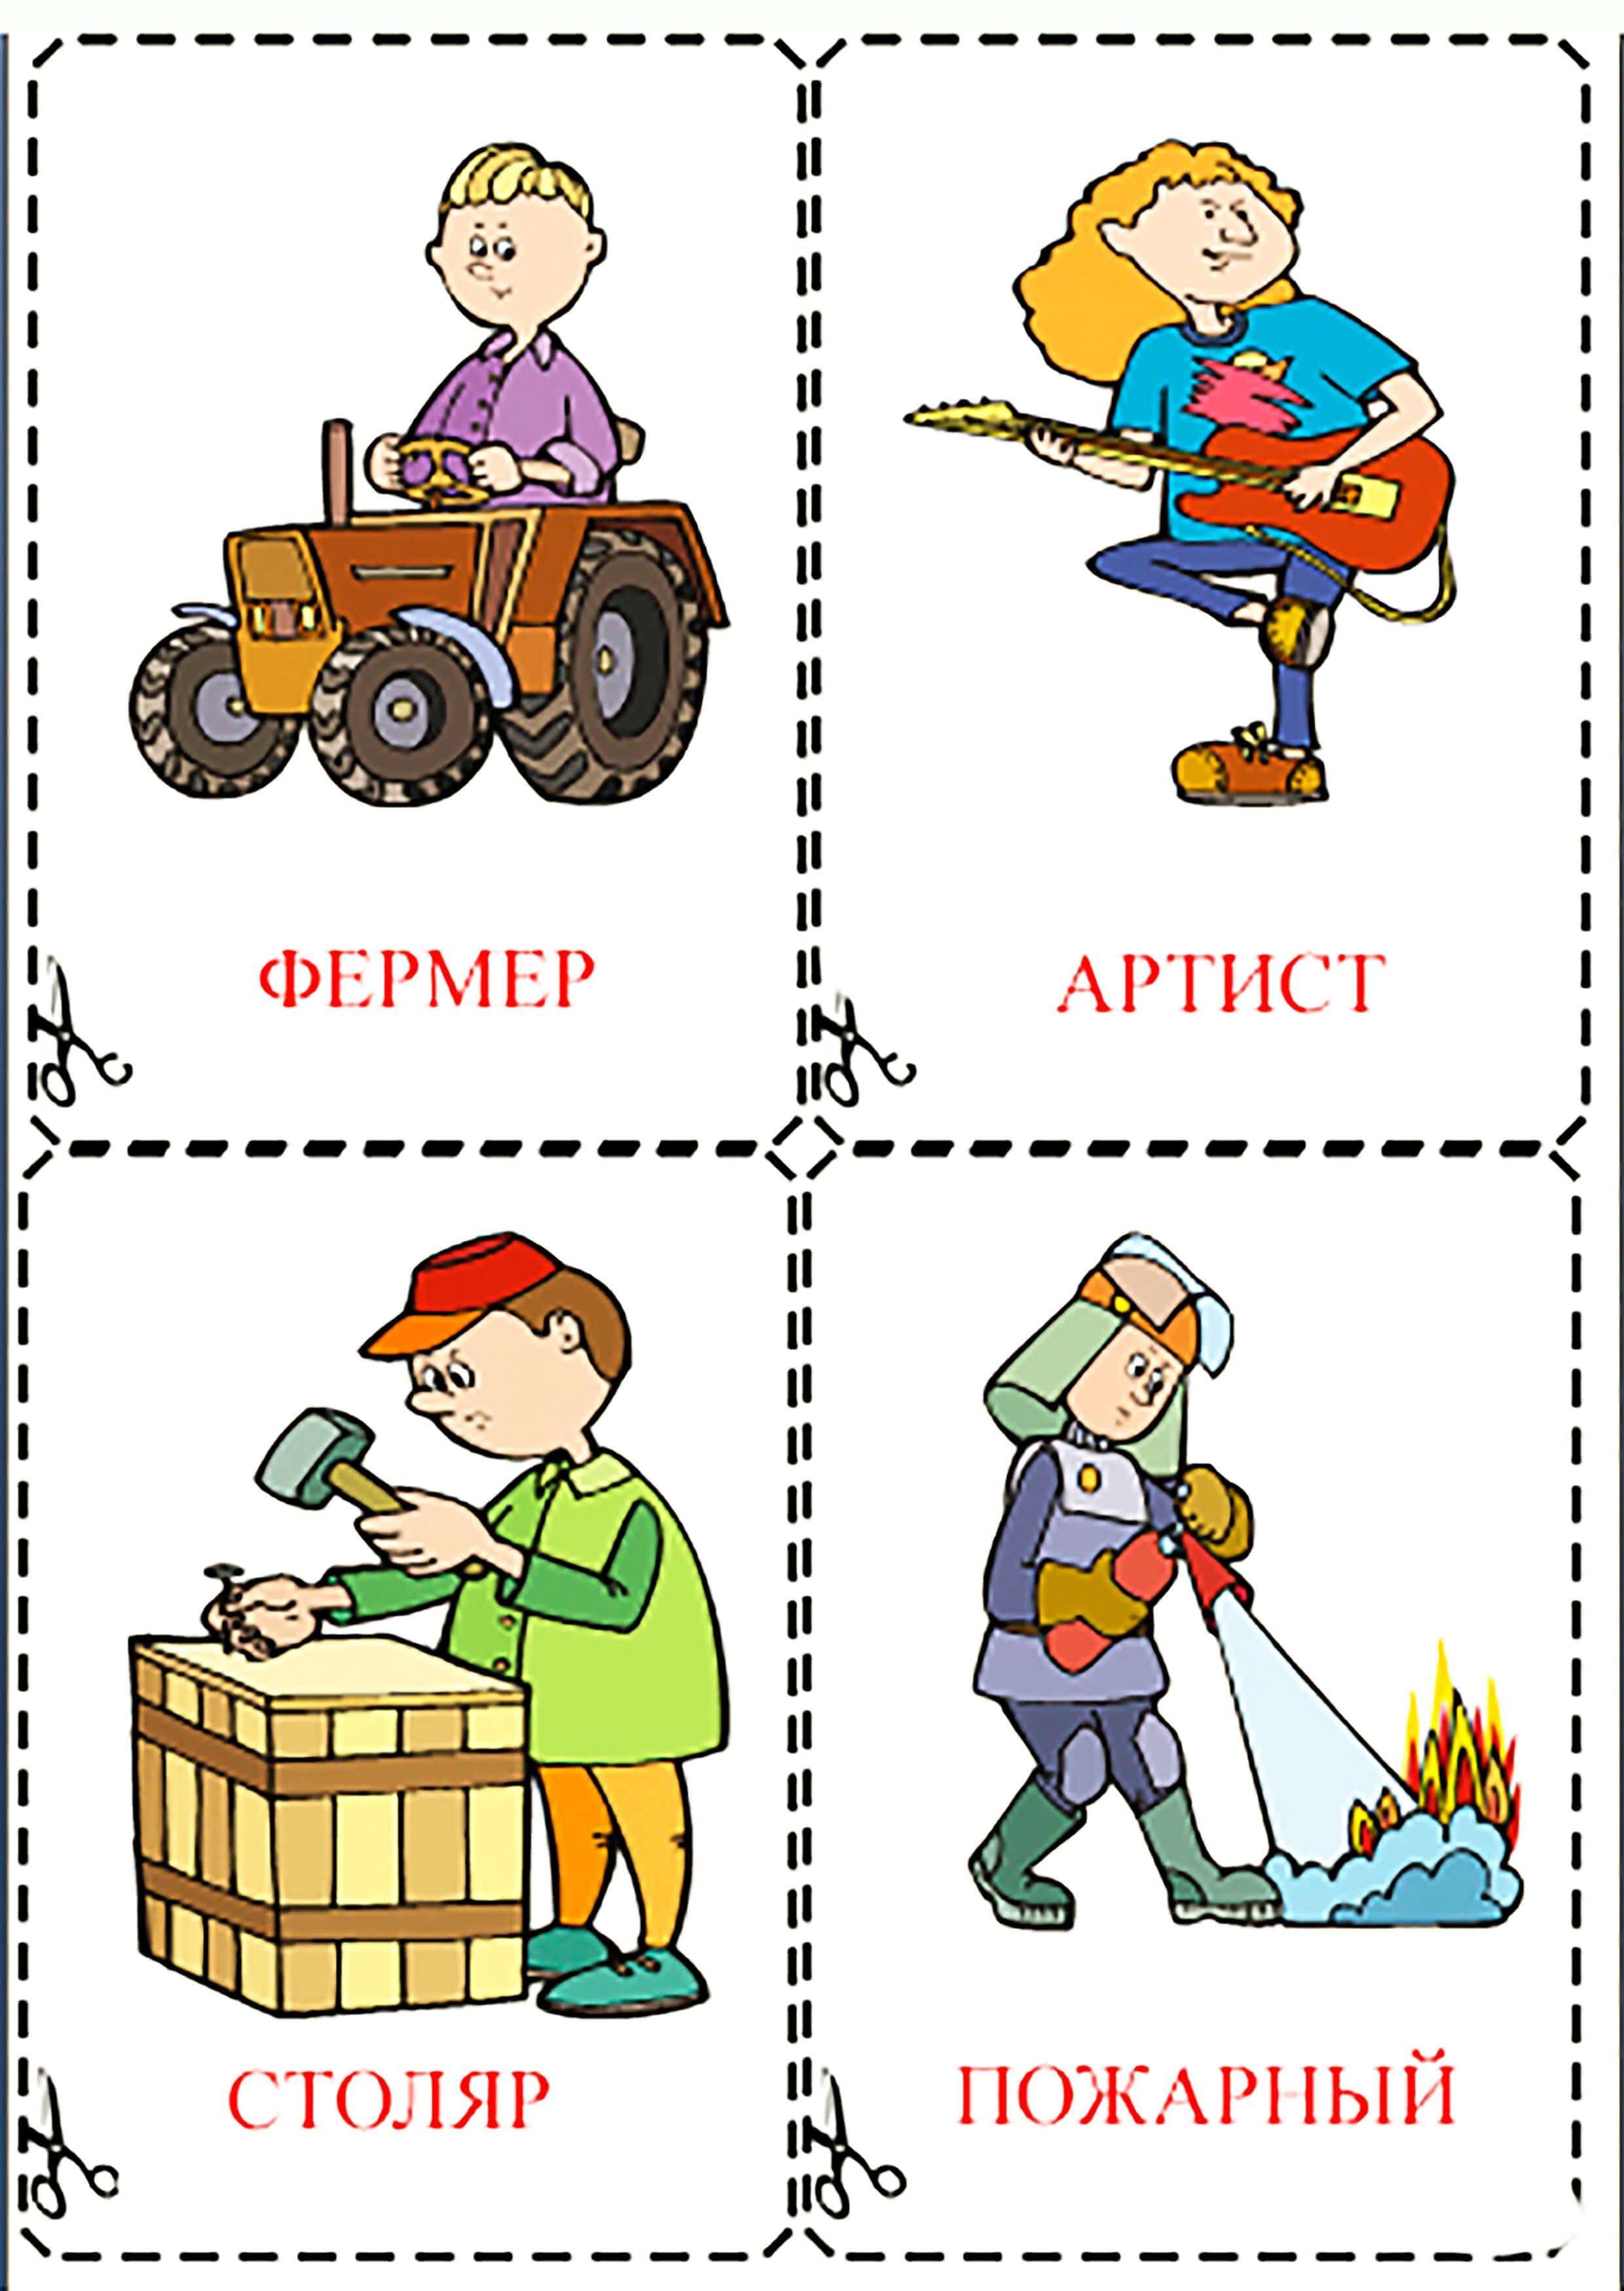 Карточки для детского сада профессии 2